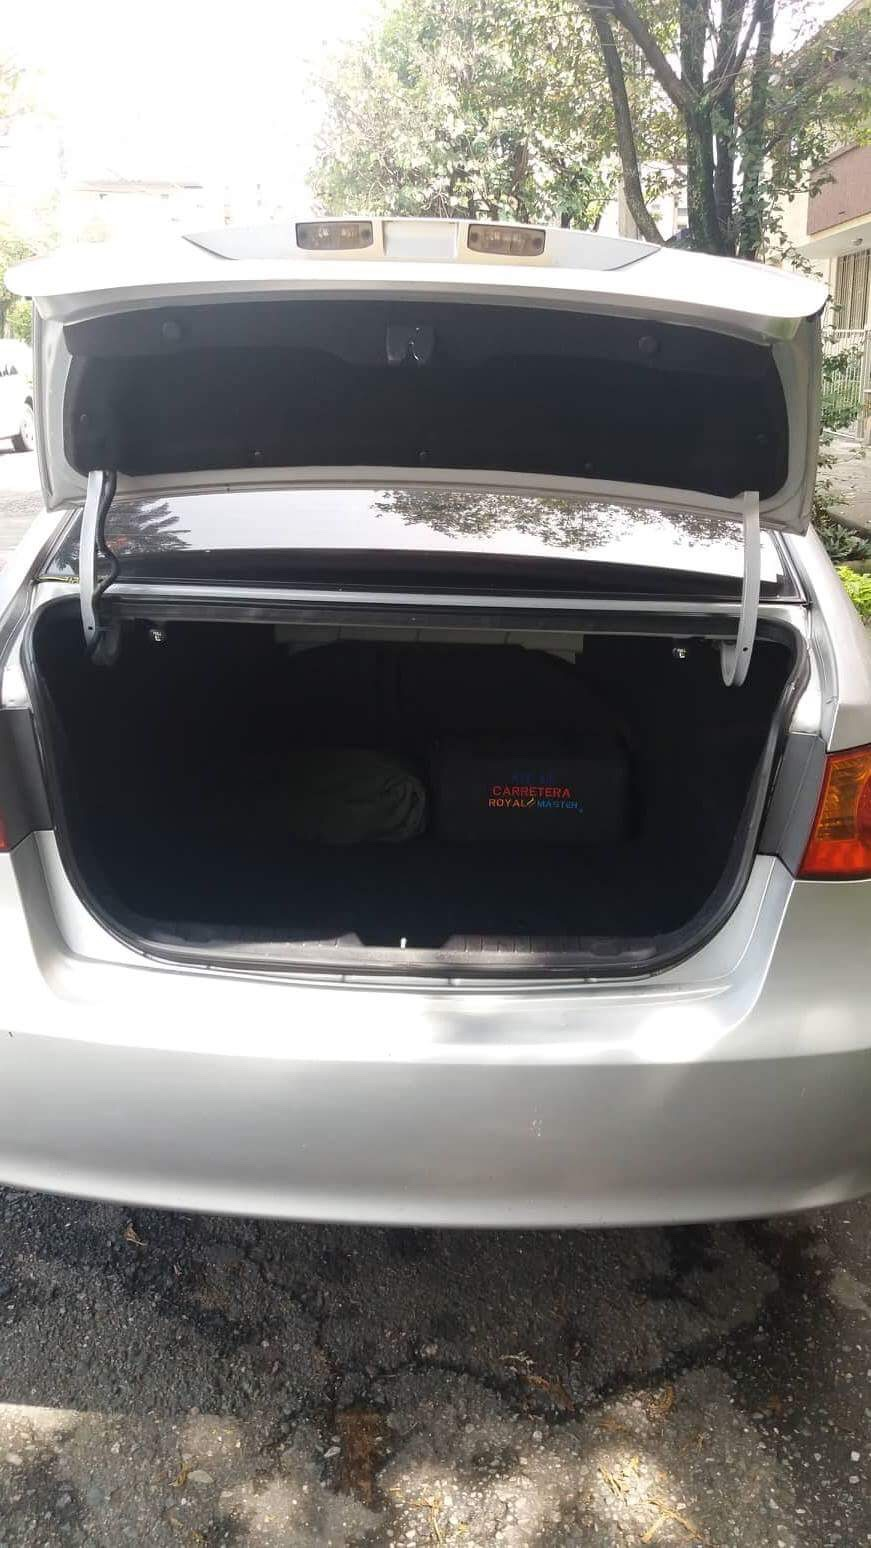 julio's car mde